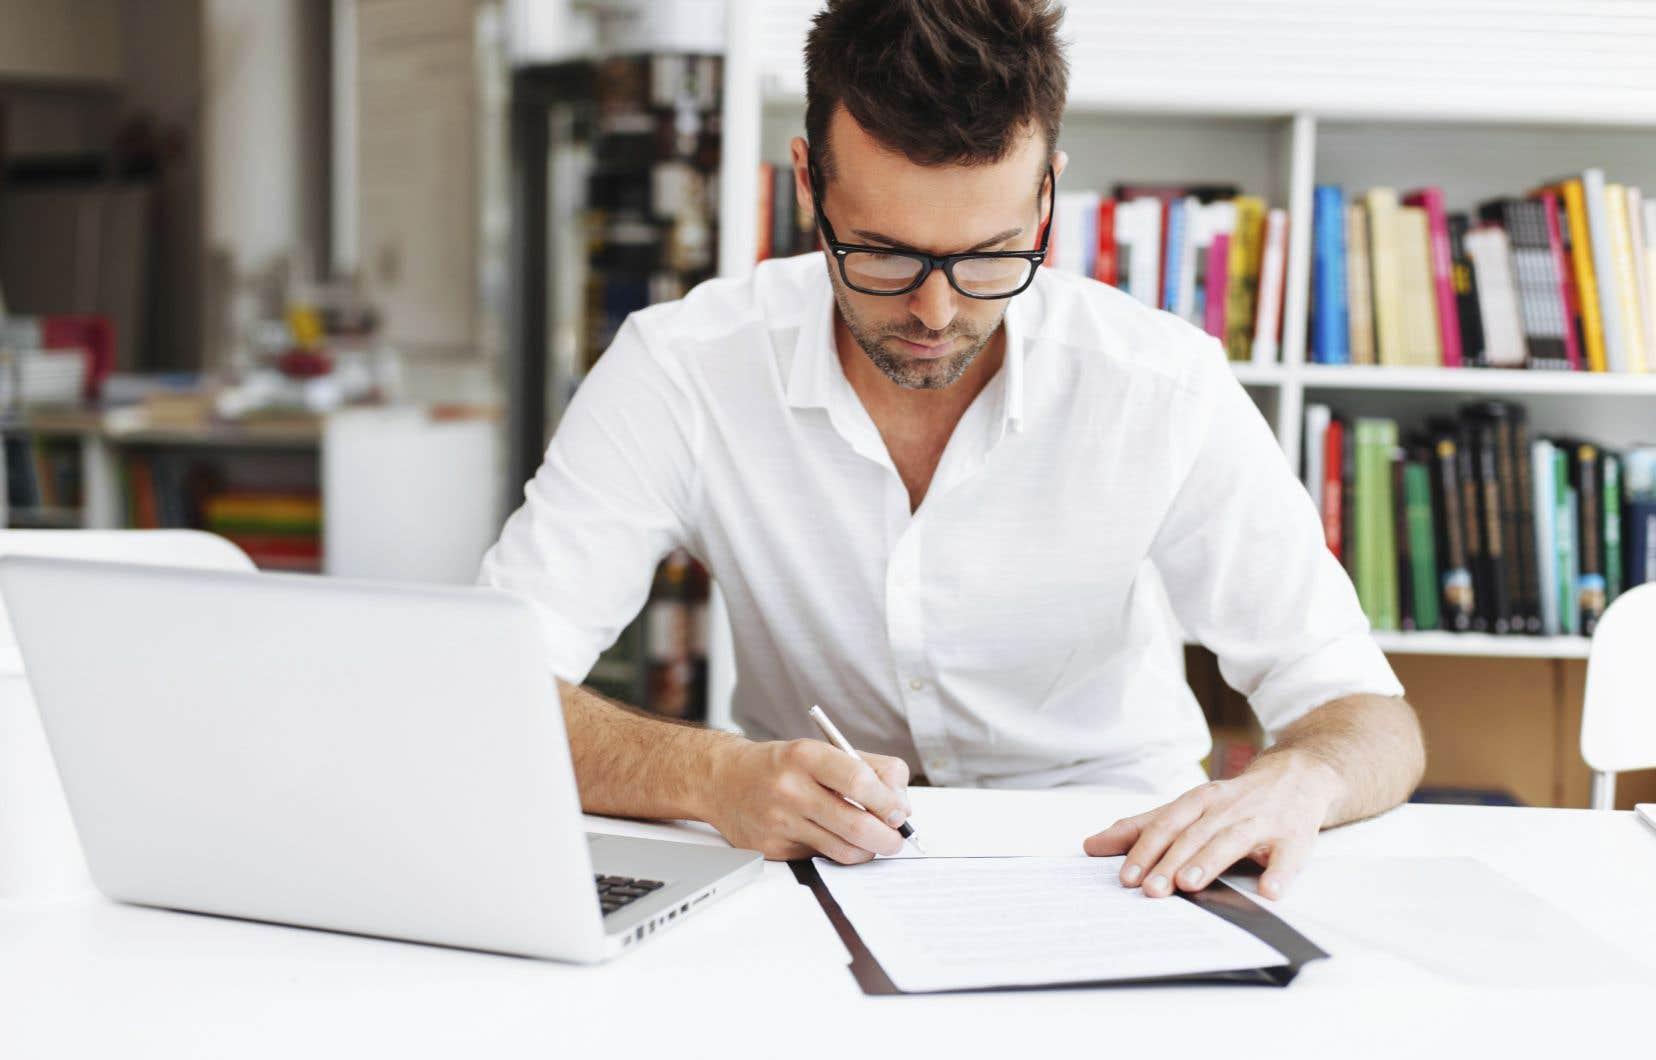 Une dérogation au règlement peut retarder l'obtention du diplôme, empêcher la poursuite d'un programme, entraîner la suspension de l'inscription, compromettre le renouvellement du permis d'études ou l'attribution d'une bourse.